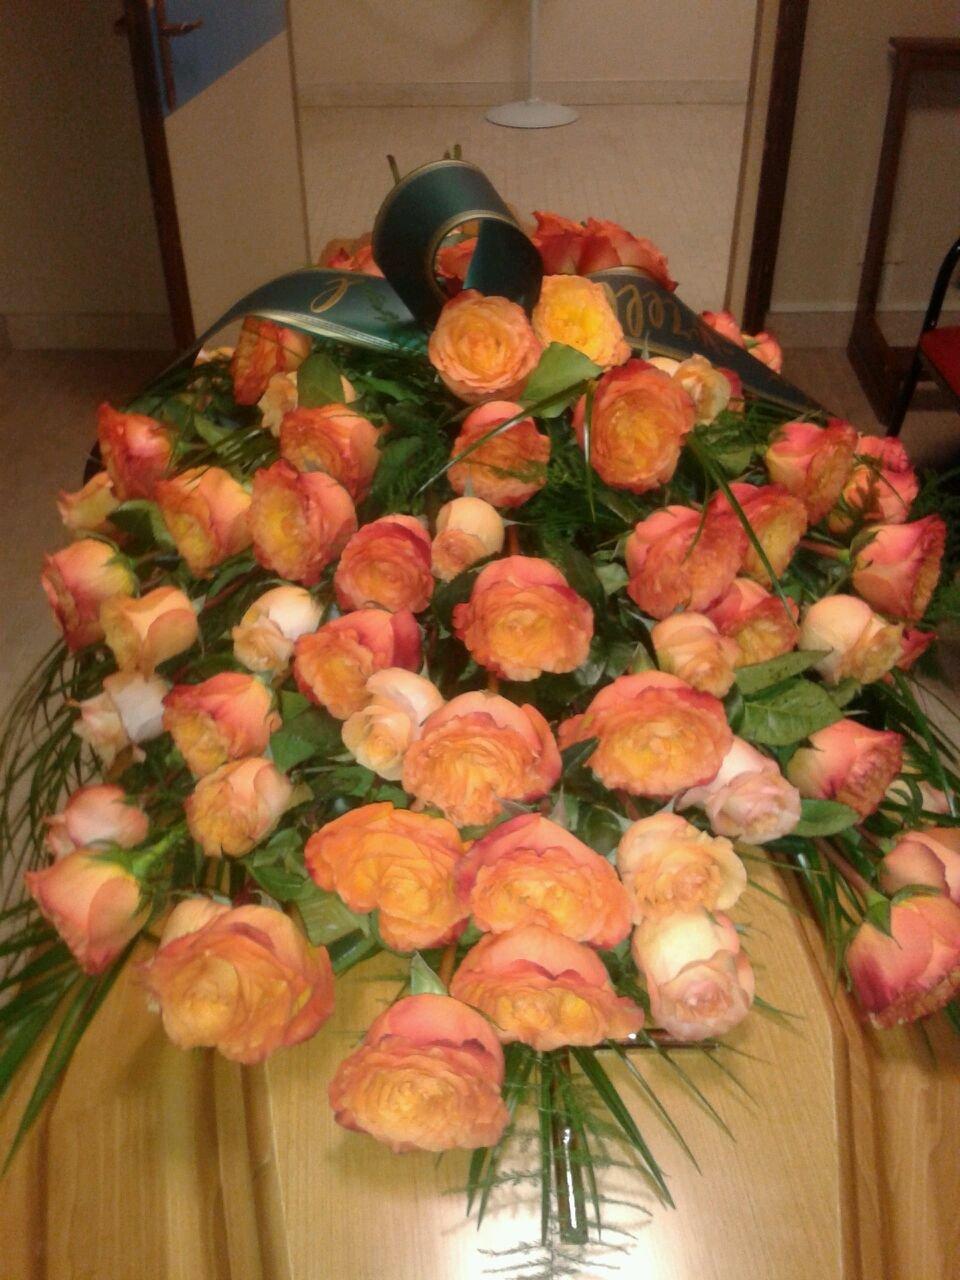 Fiori arancioni per funerali e condoglianze